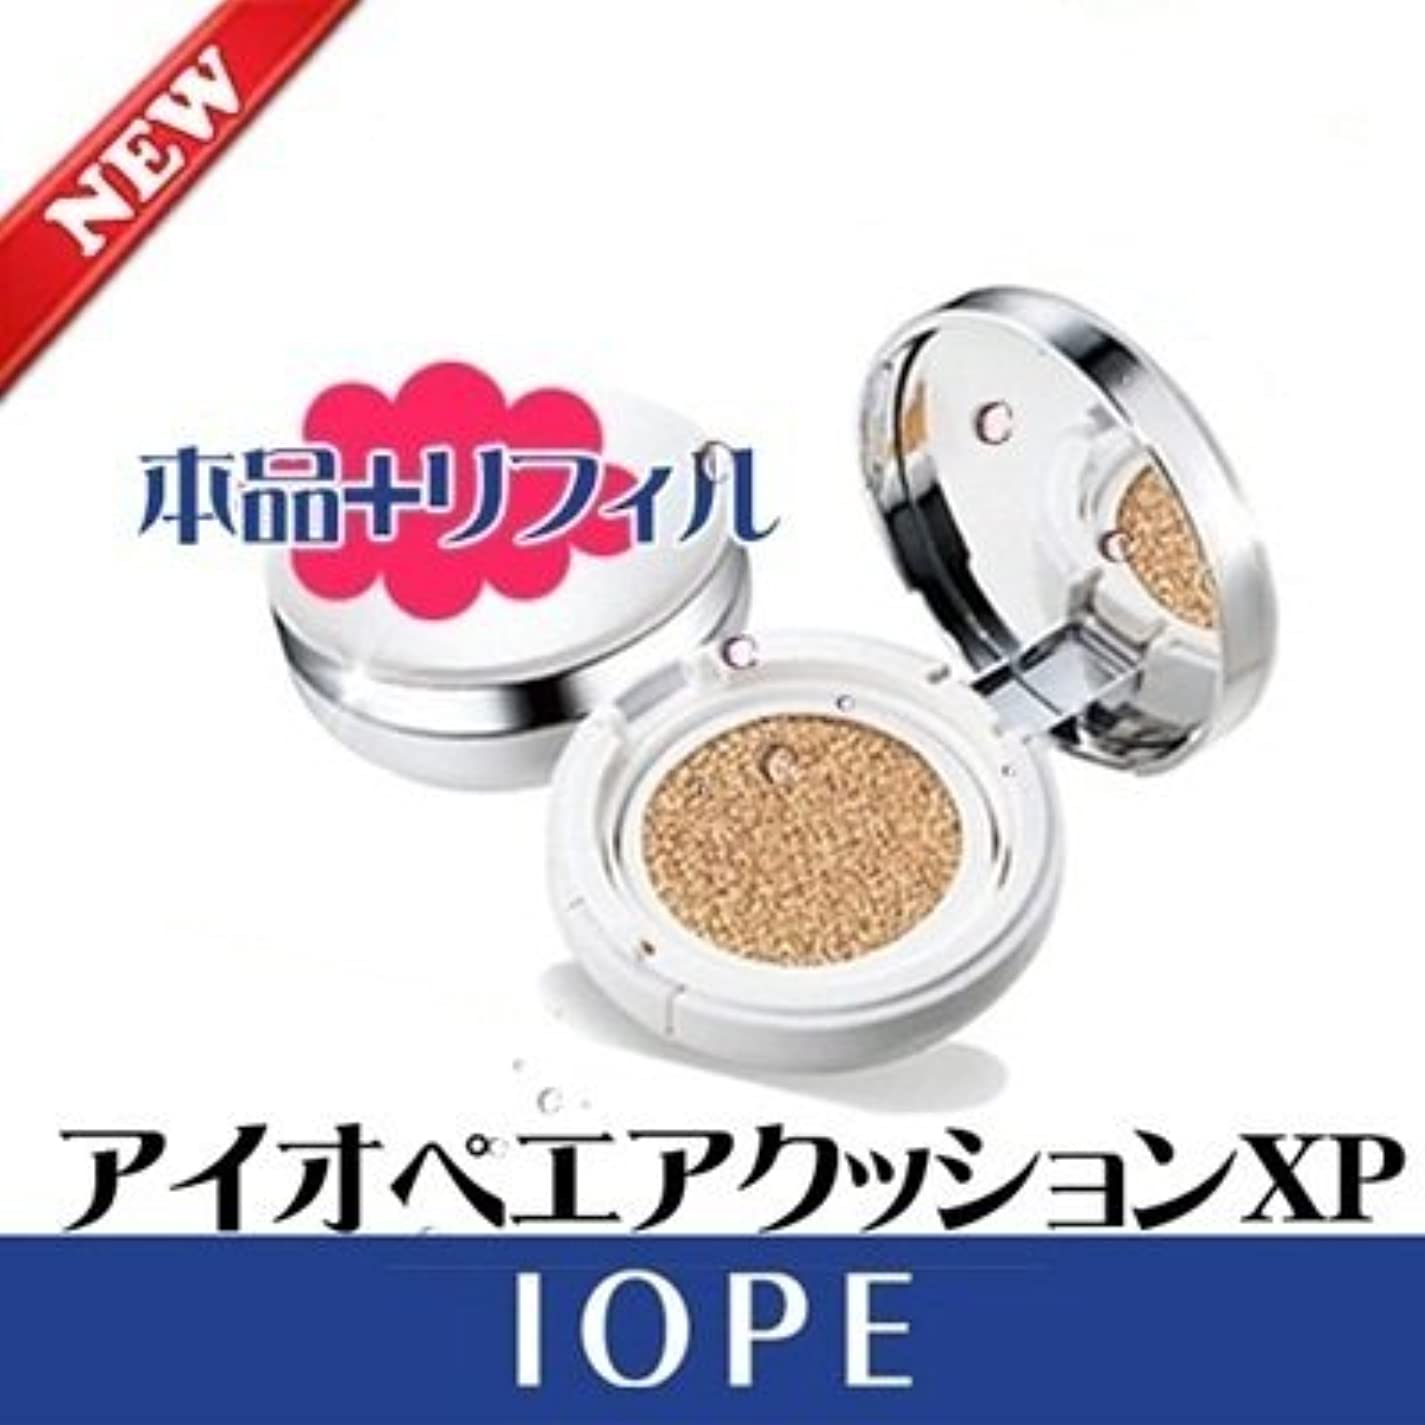 ケープ貝殻文法[韓国コスメ]IOPE[アイオペ ] エアークッション Natural XP 21号[海外直送品]